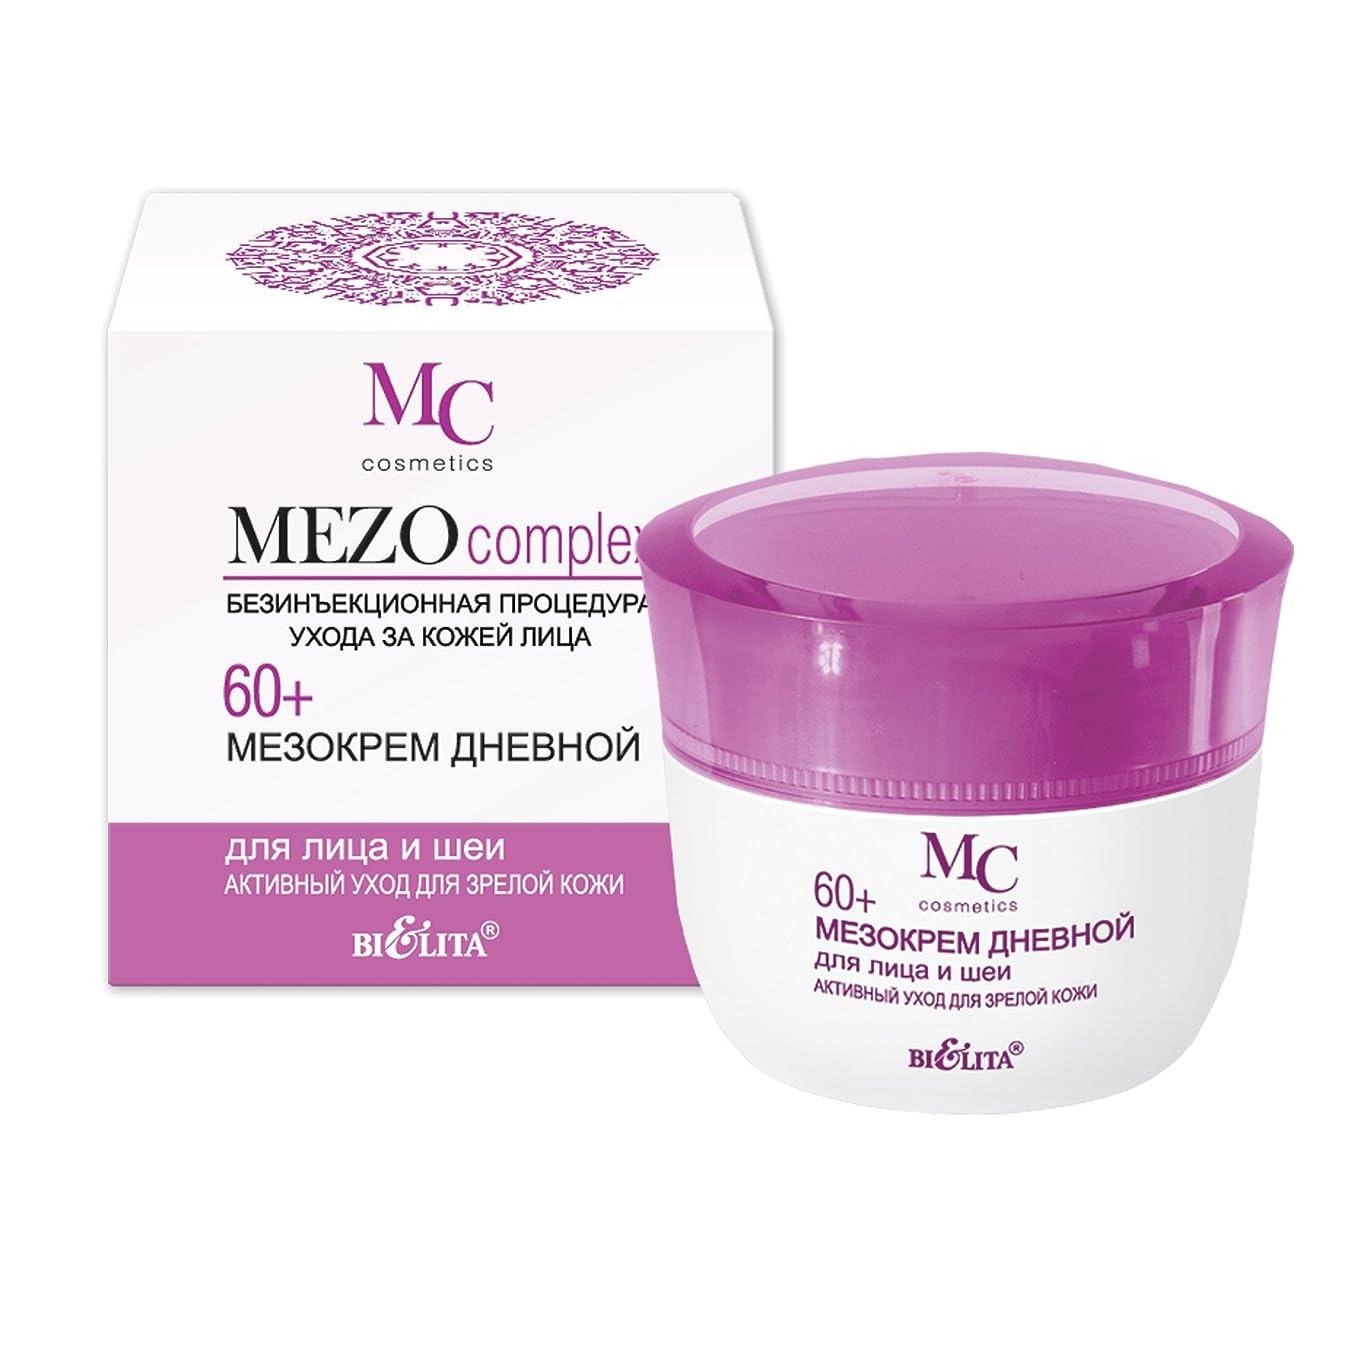 無法者応じるはっきりとSaturated Day Cream (MEZO) is specially designed for the care of mature skin of the face | Hyaluronic acid, Vitamin E, Peach seed oil & much more | 50 ml